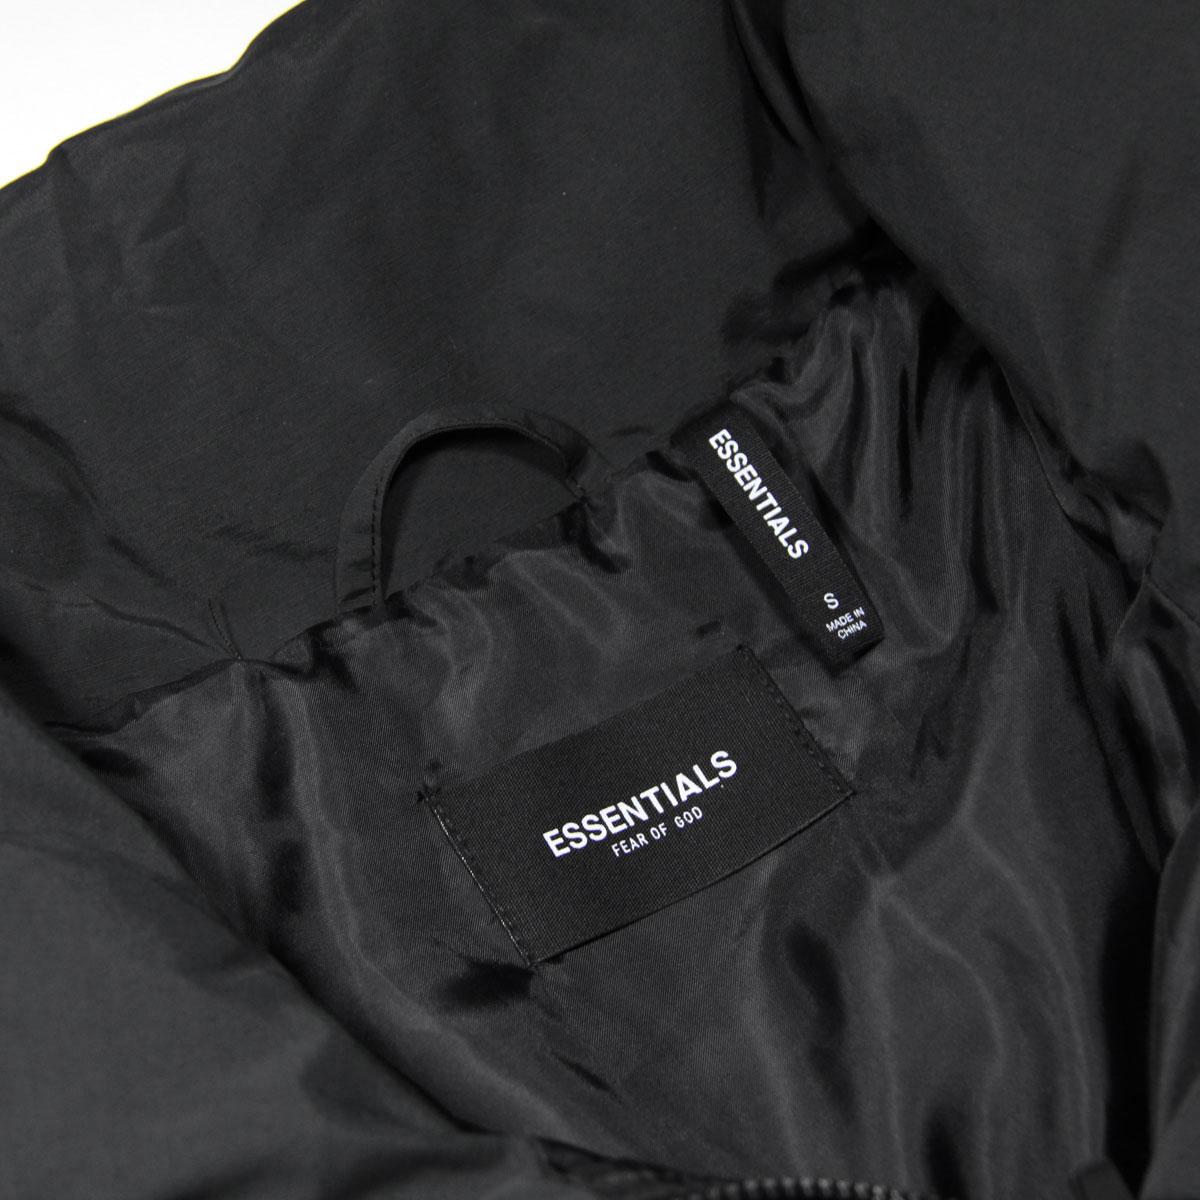 フィアオブゴッド ジャケット 正規品 FEAR OF GOD エッセンシャルズ 中綿入りパファージャケット FOG - FEAR OF GOD ESSENTIALS PUFFER JACKET BLACK AA5B B1C C1D D4E E13F